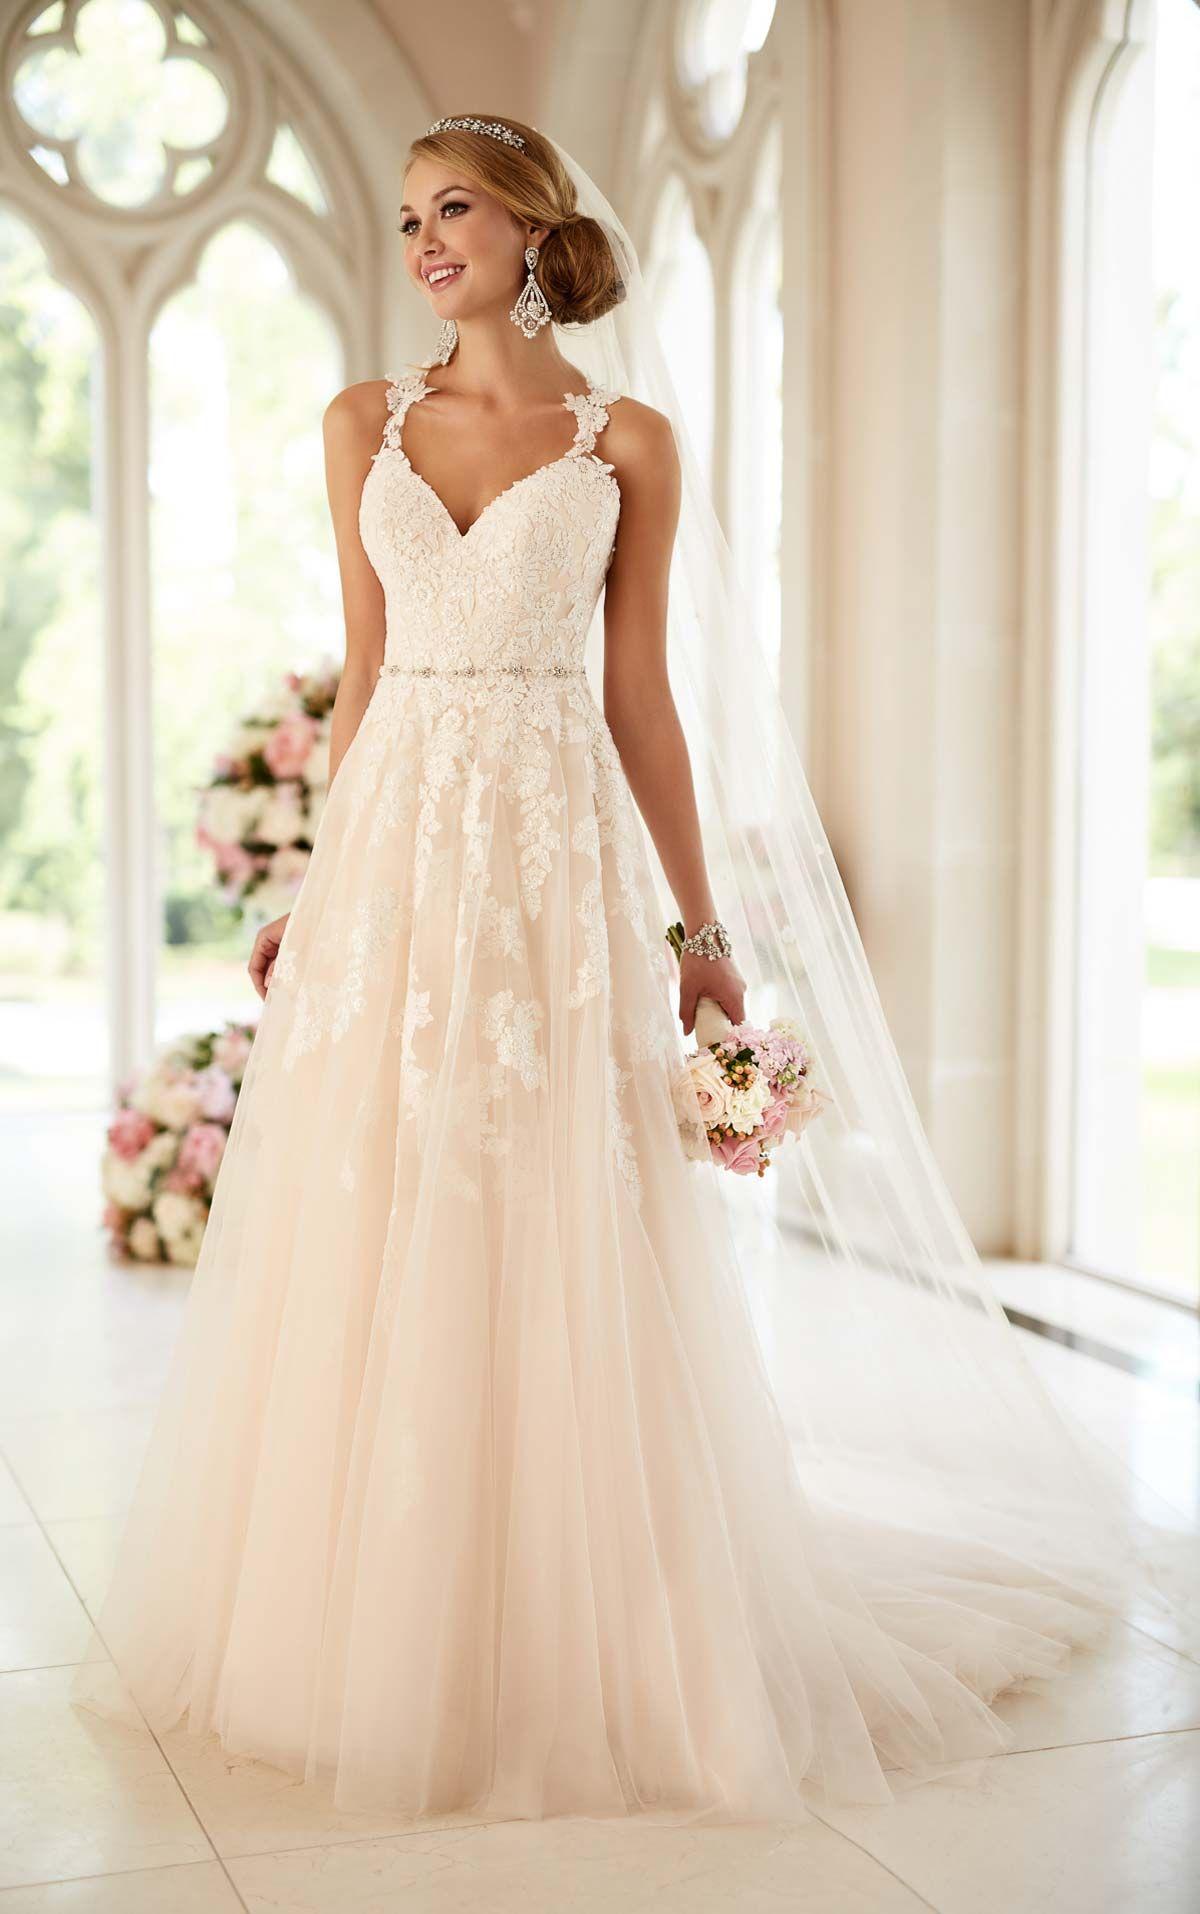 Lace Illusion Back Wedding Dress | Brautkleid, Brautschmuck und ...